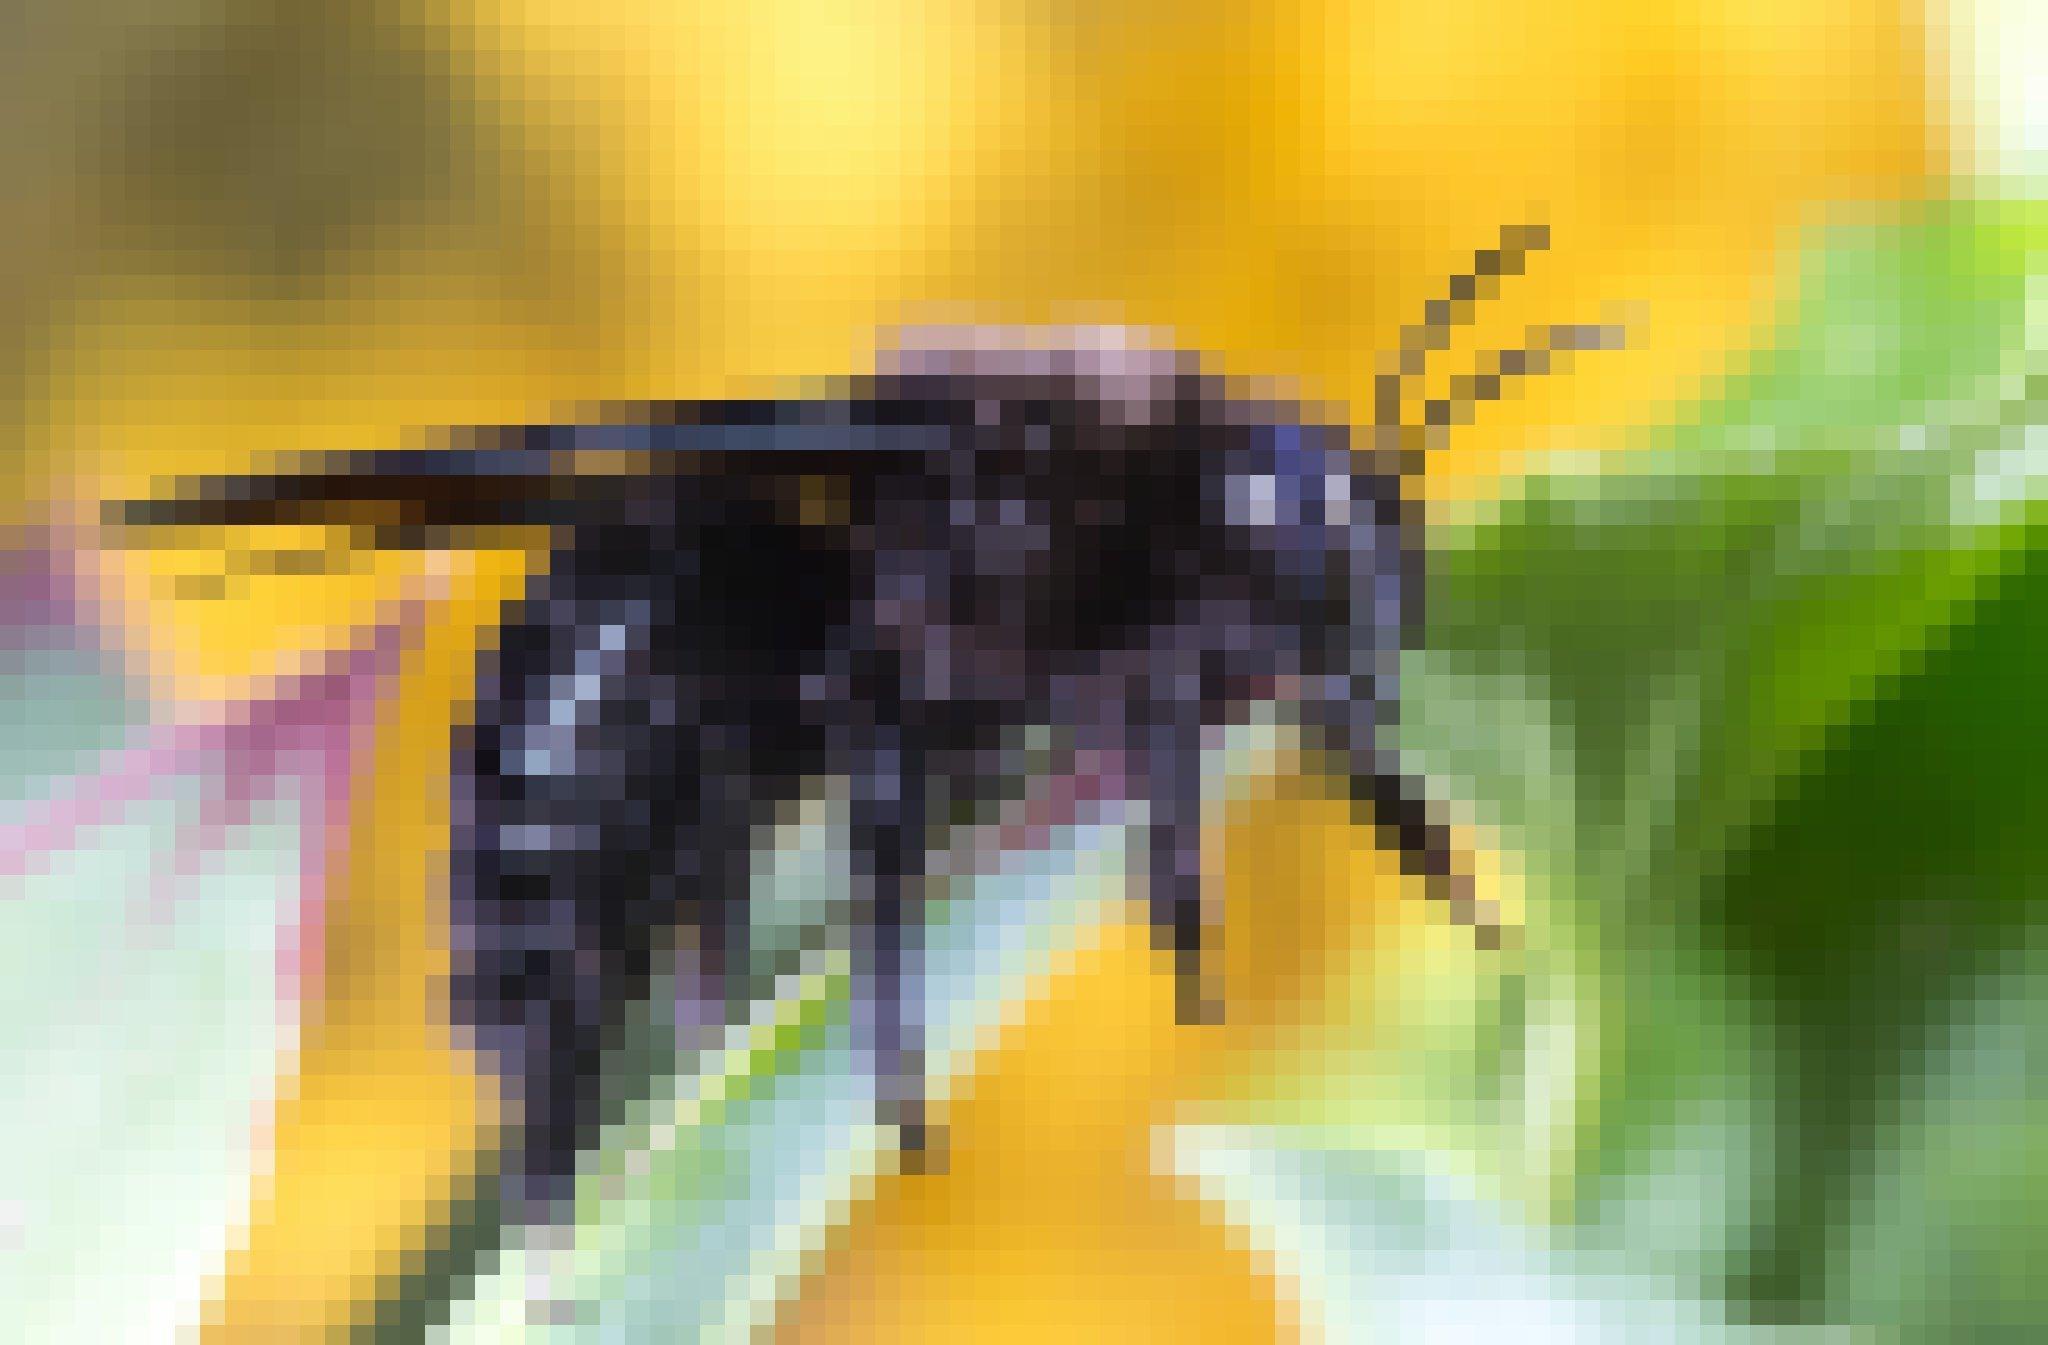 Eine tiefschwarze Biene mit dunkelgrauen Streifen sitzt auf einem Blatt.